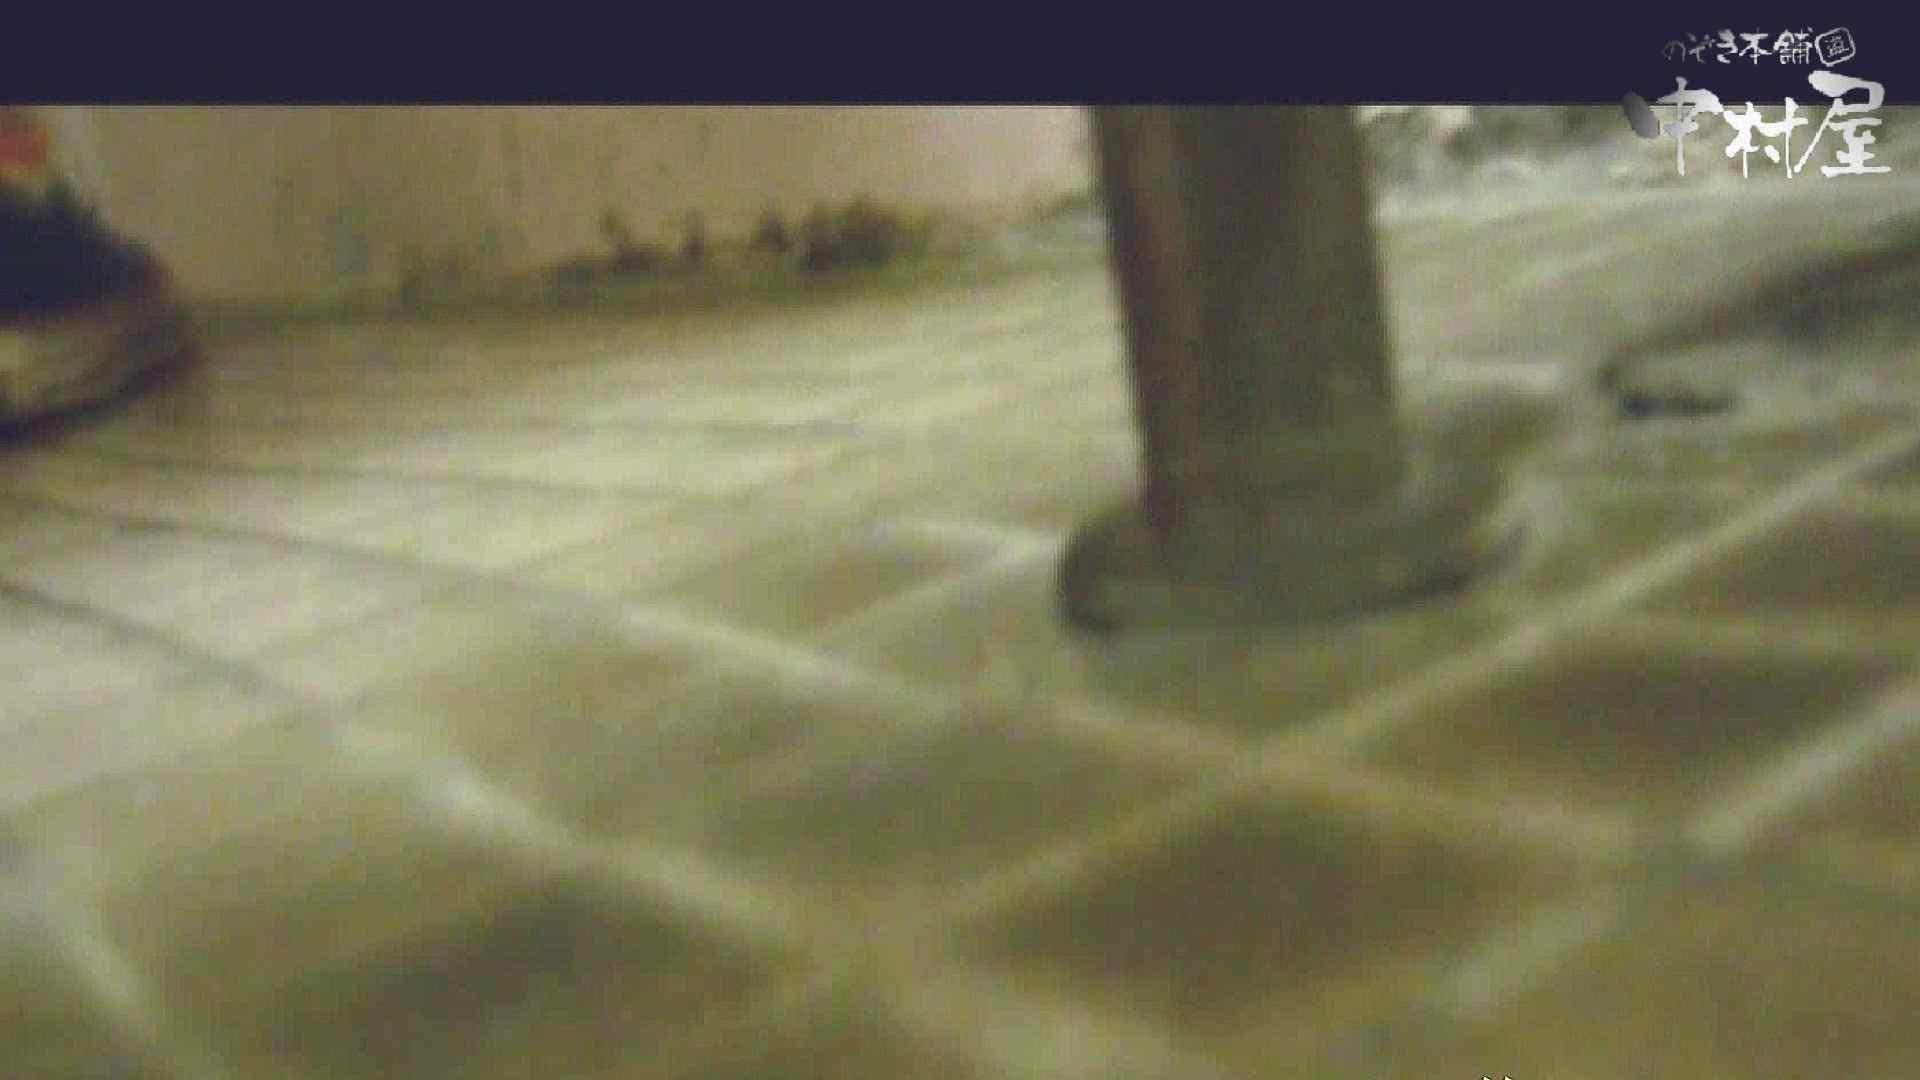 始動します‼雅さんの独断と偏見で集めた動画集 Vol.9 0 | 0  61pic 19